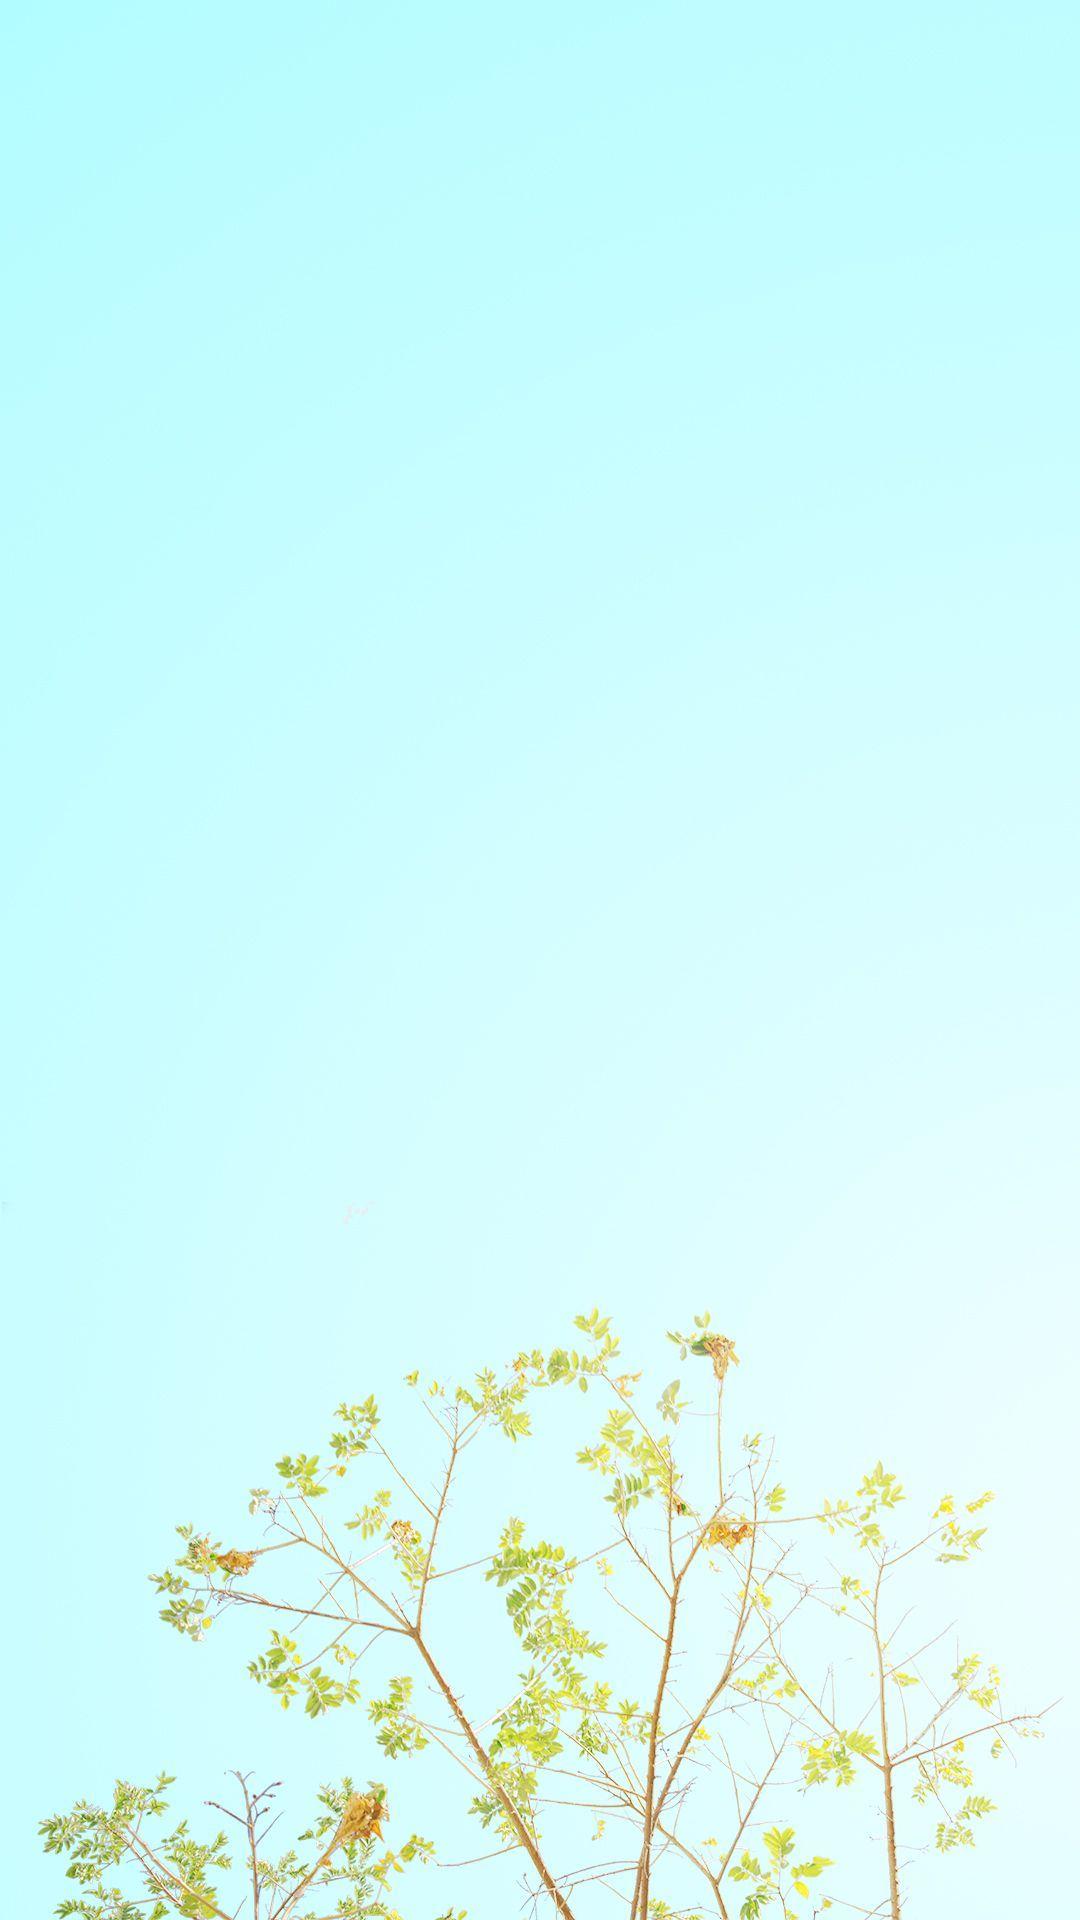 Minimalist Spring Wallpaper HD Free download